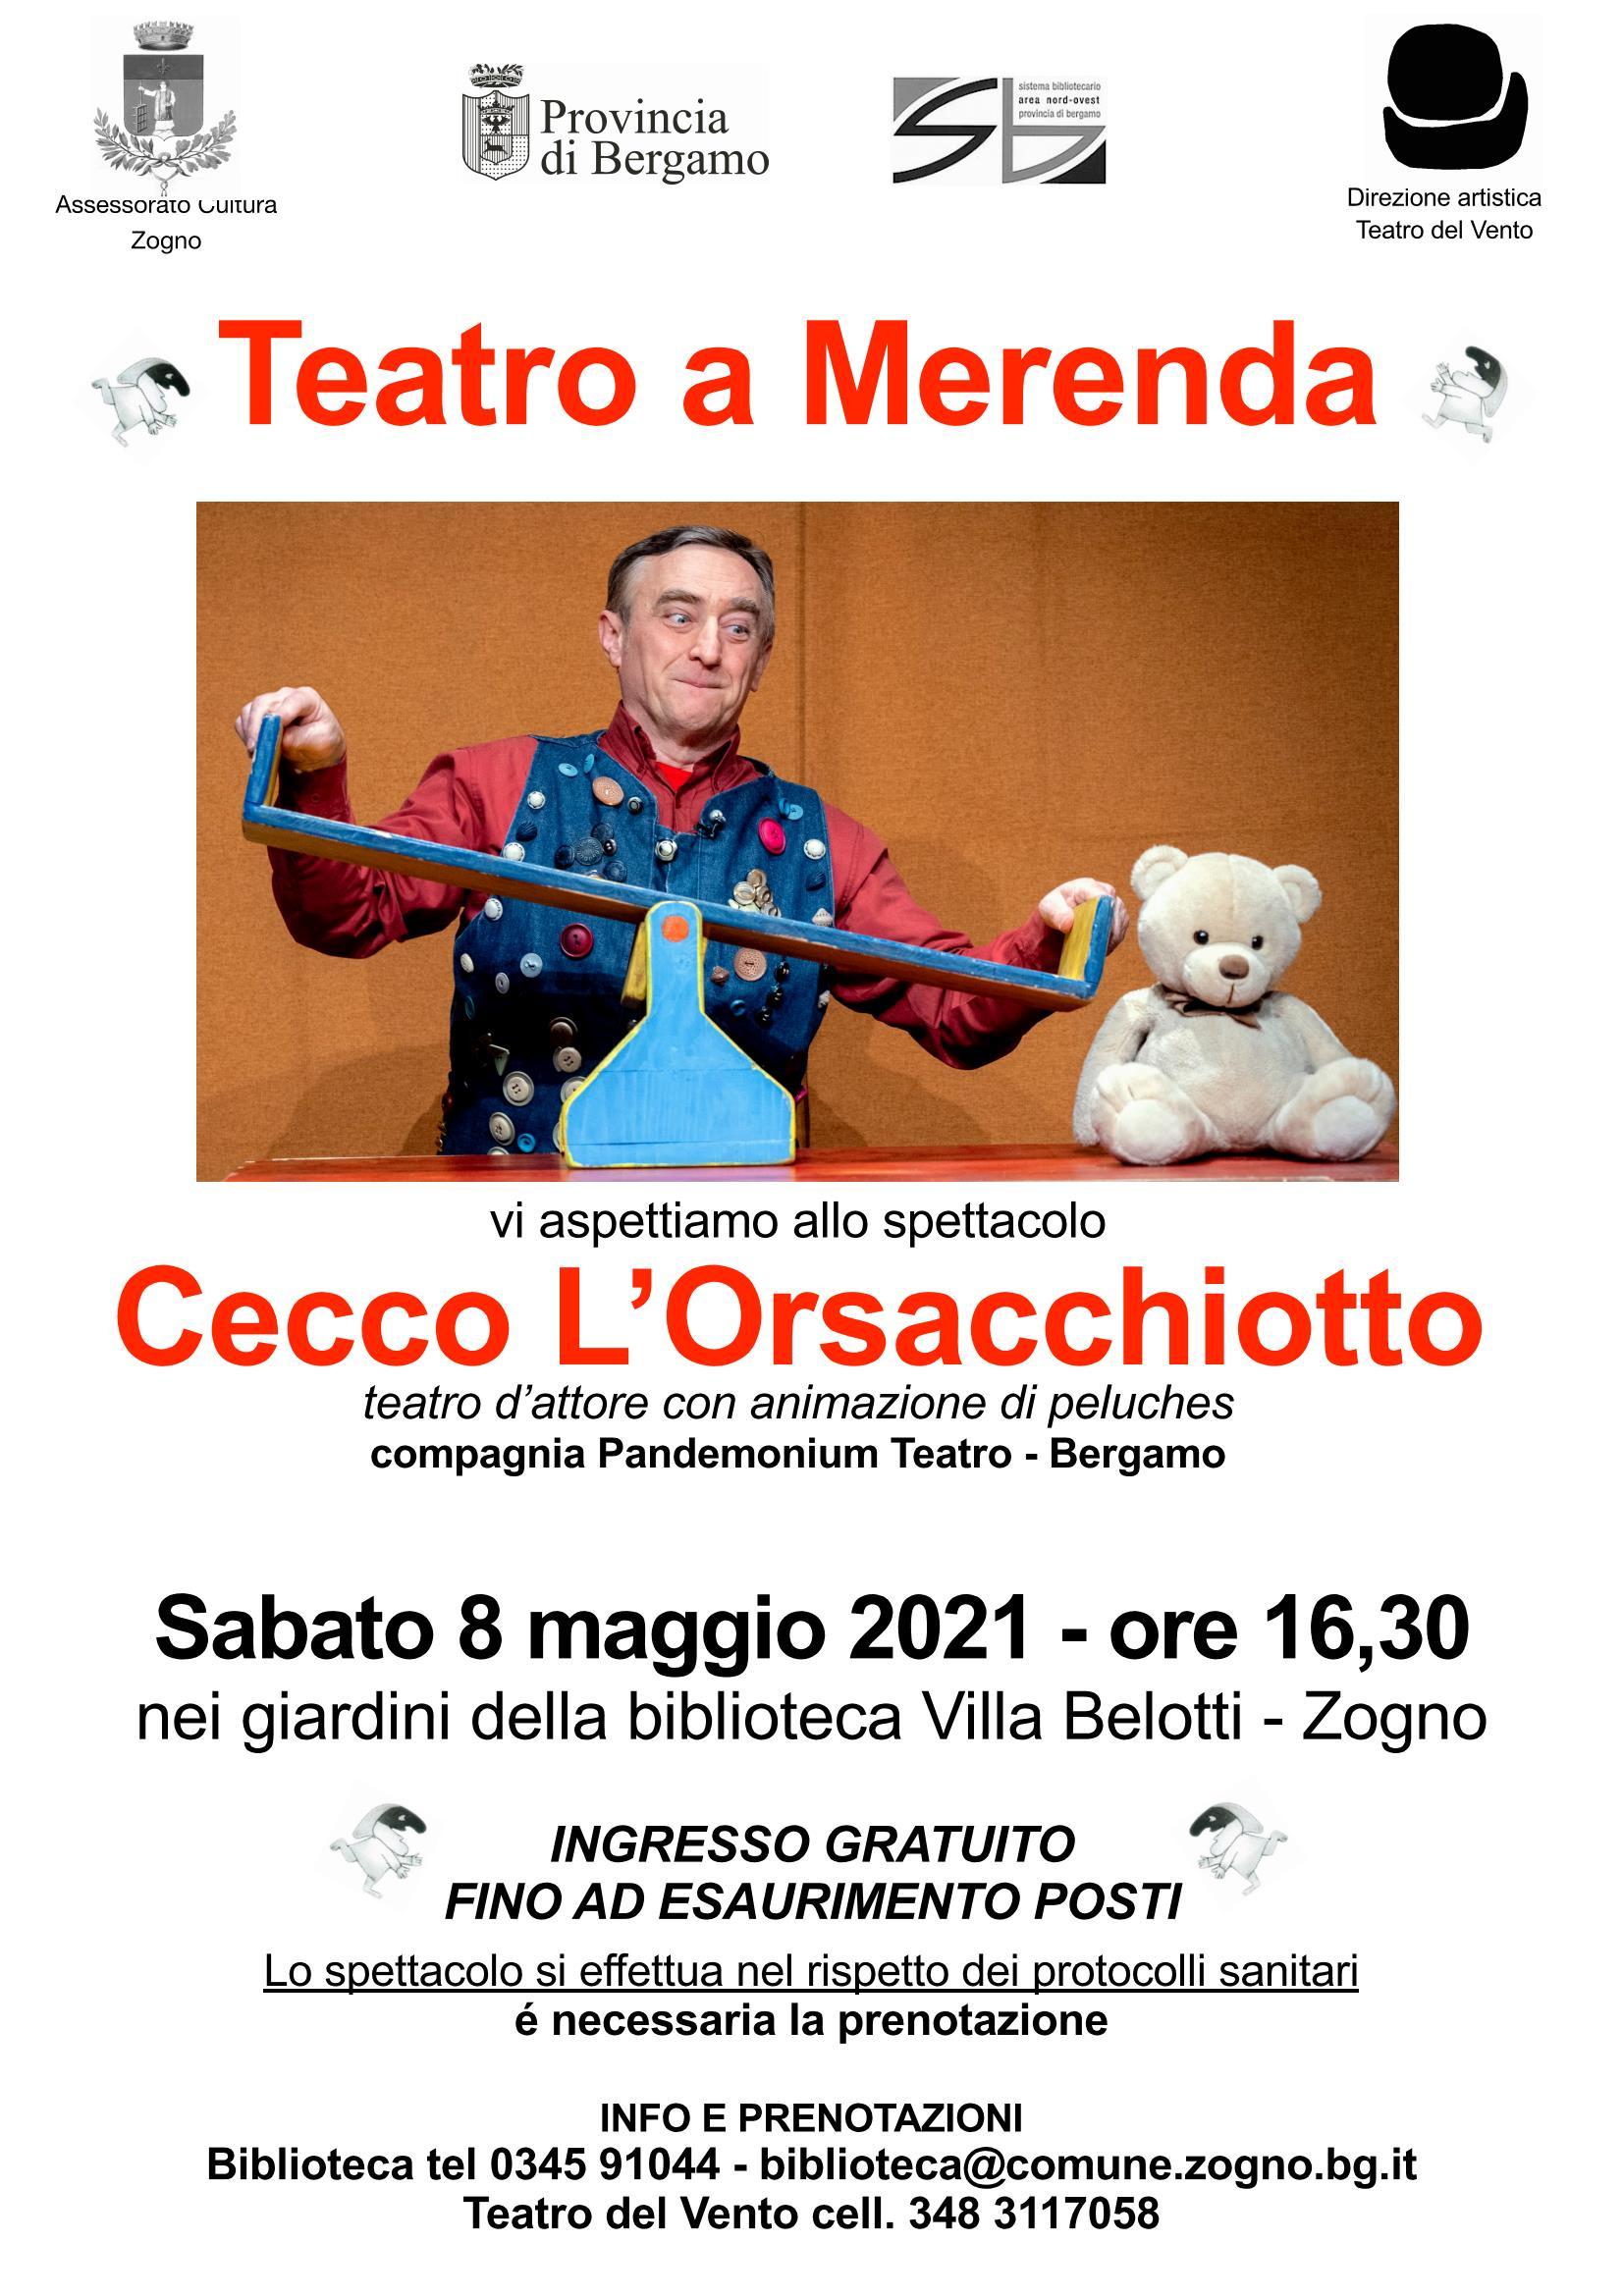 Colorpromo_MERENDA_Zogno_8maggio 2021 (2)_Page_1